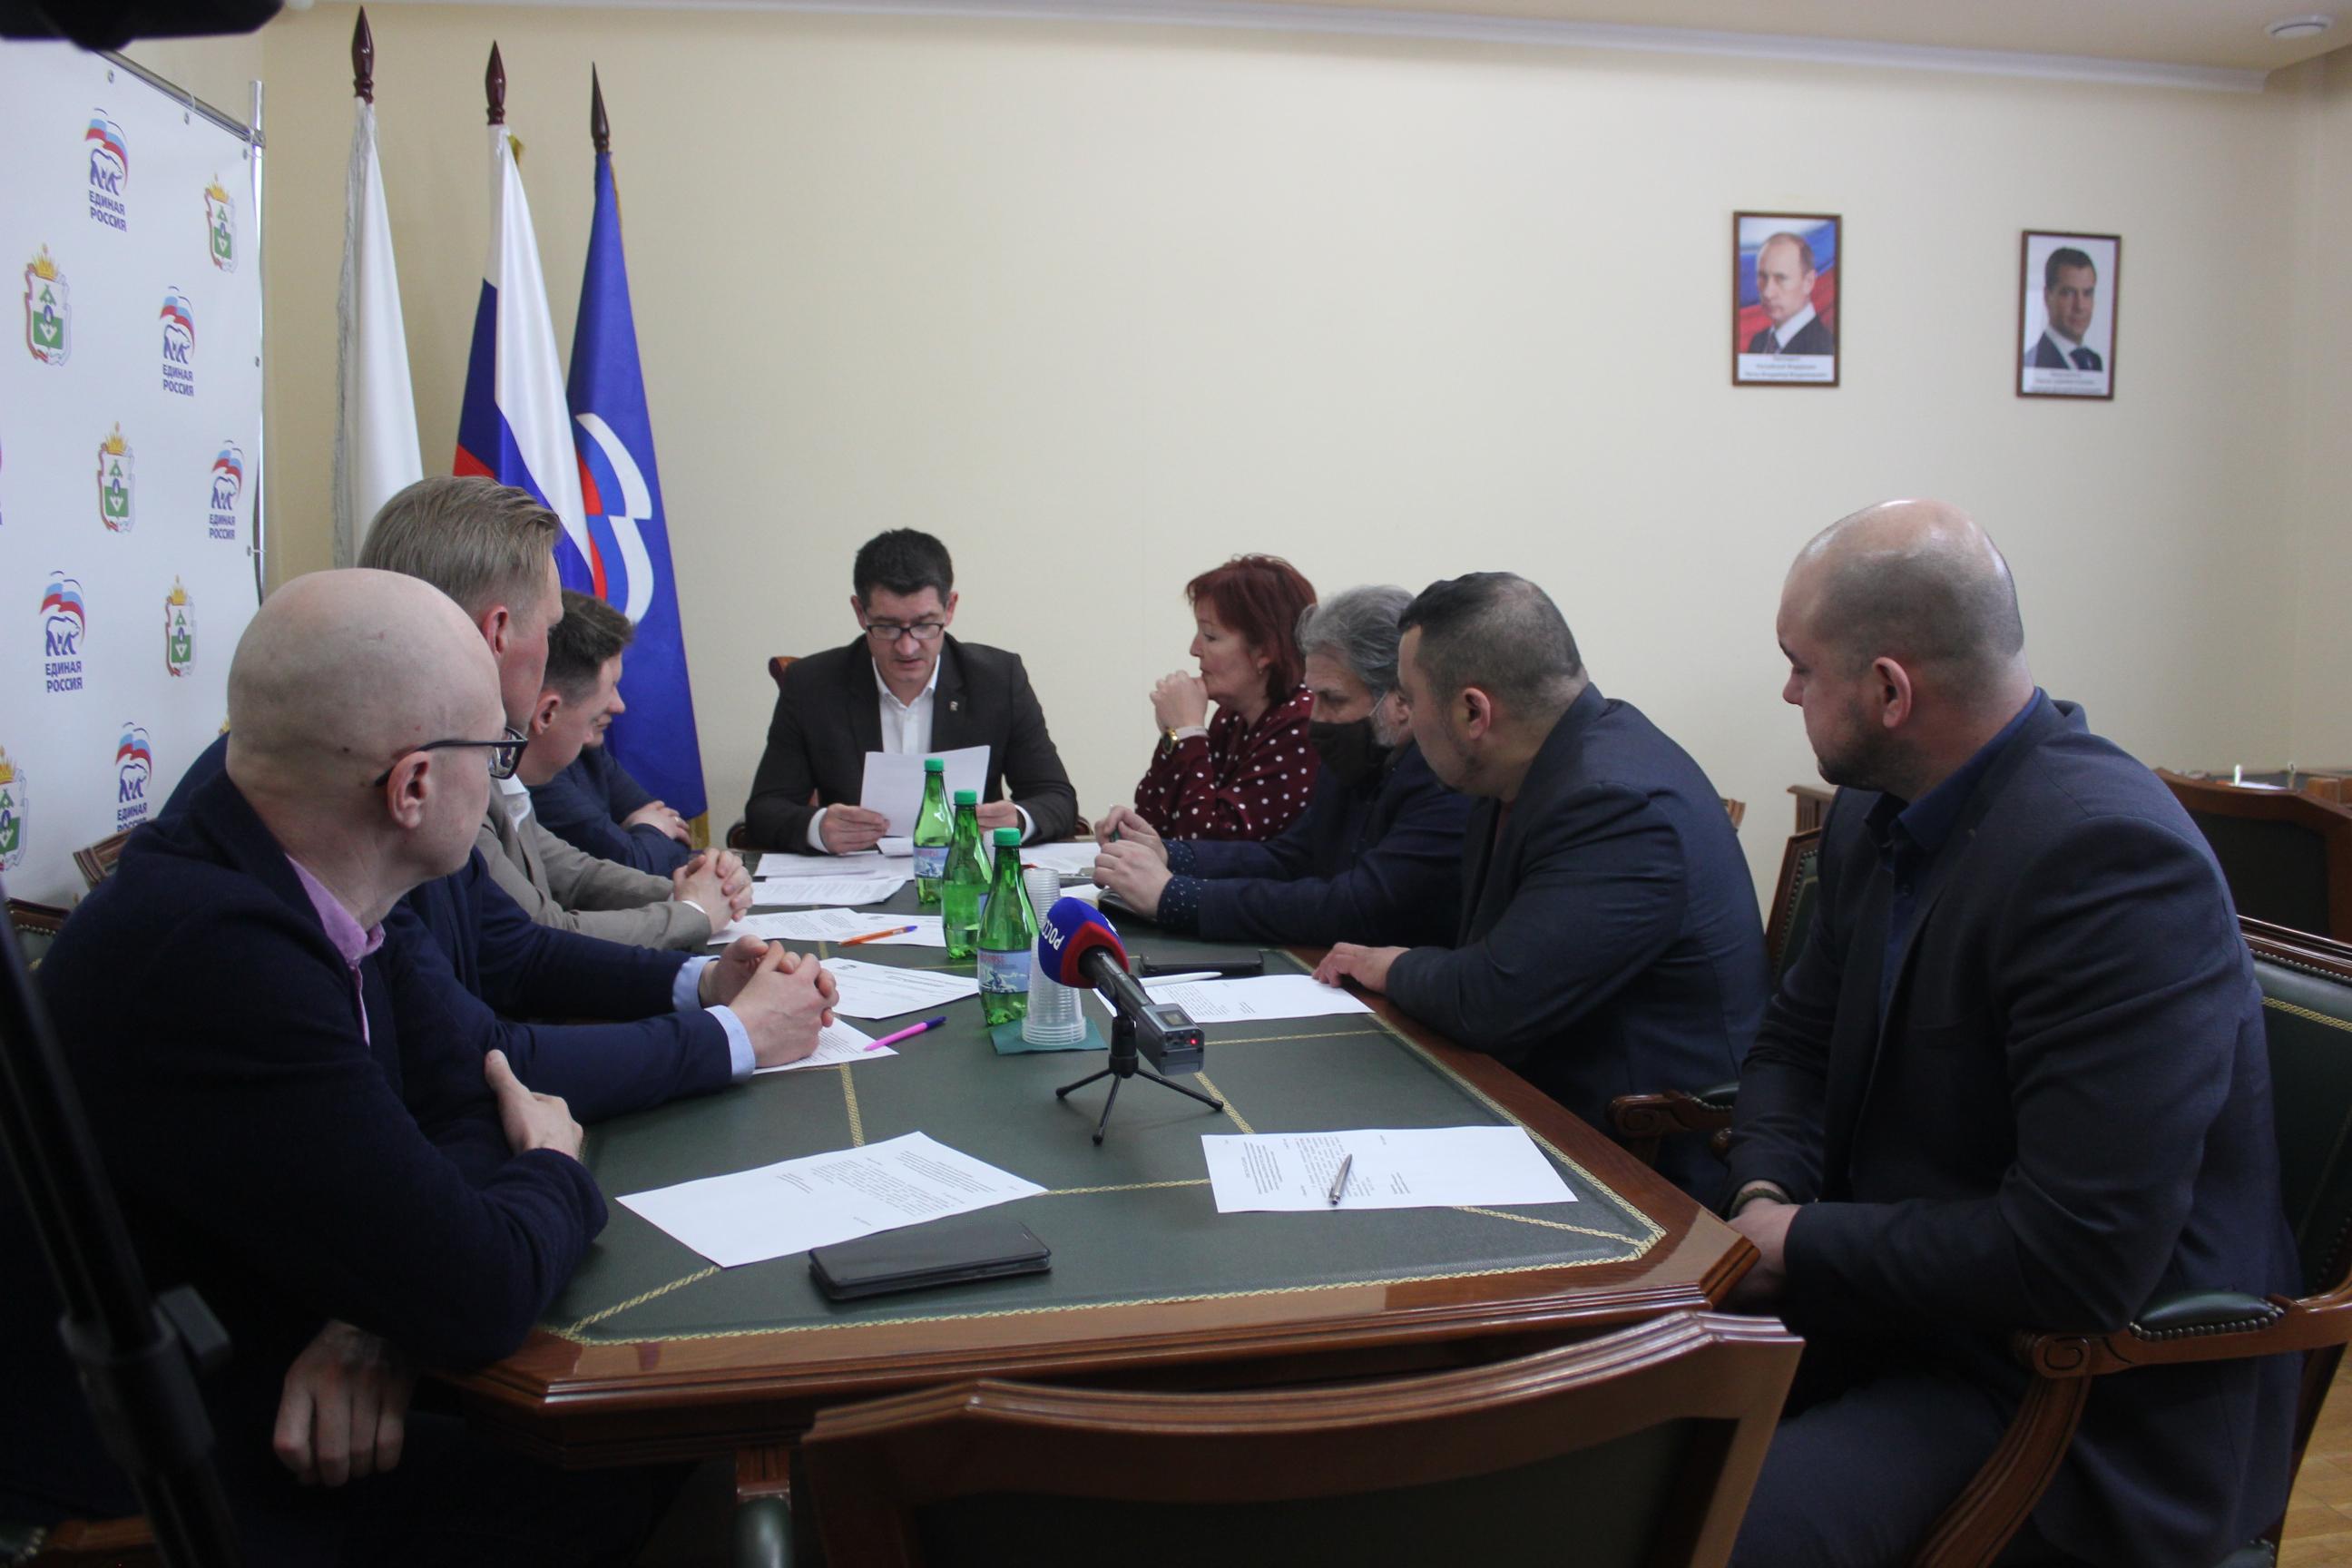 Заседание оргкомитета по проведению предварительного голосования - 2021